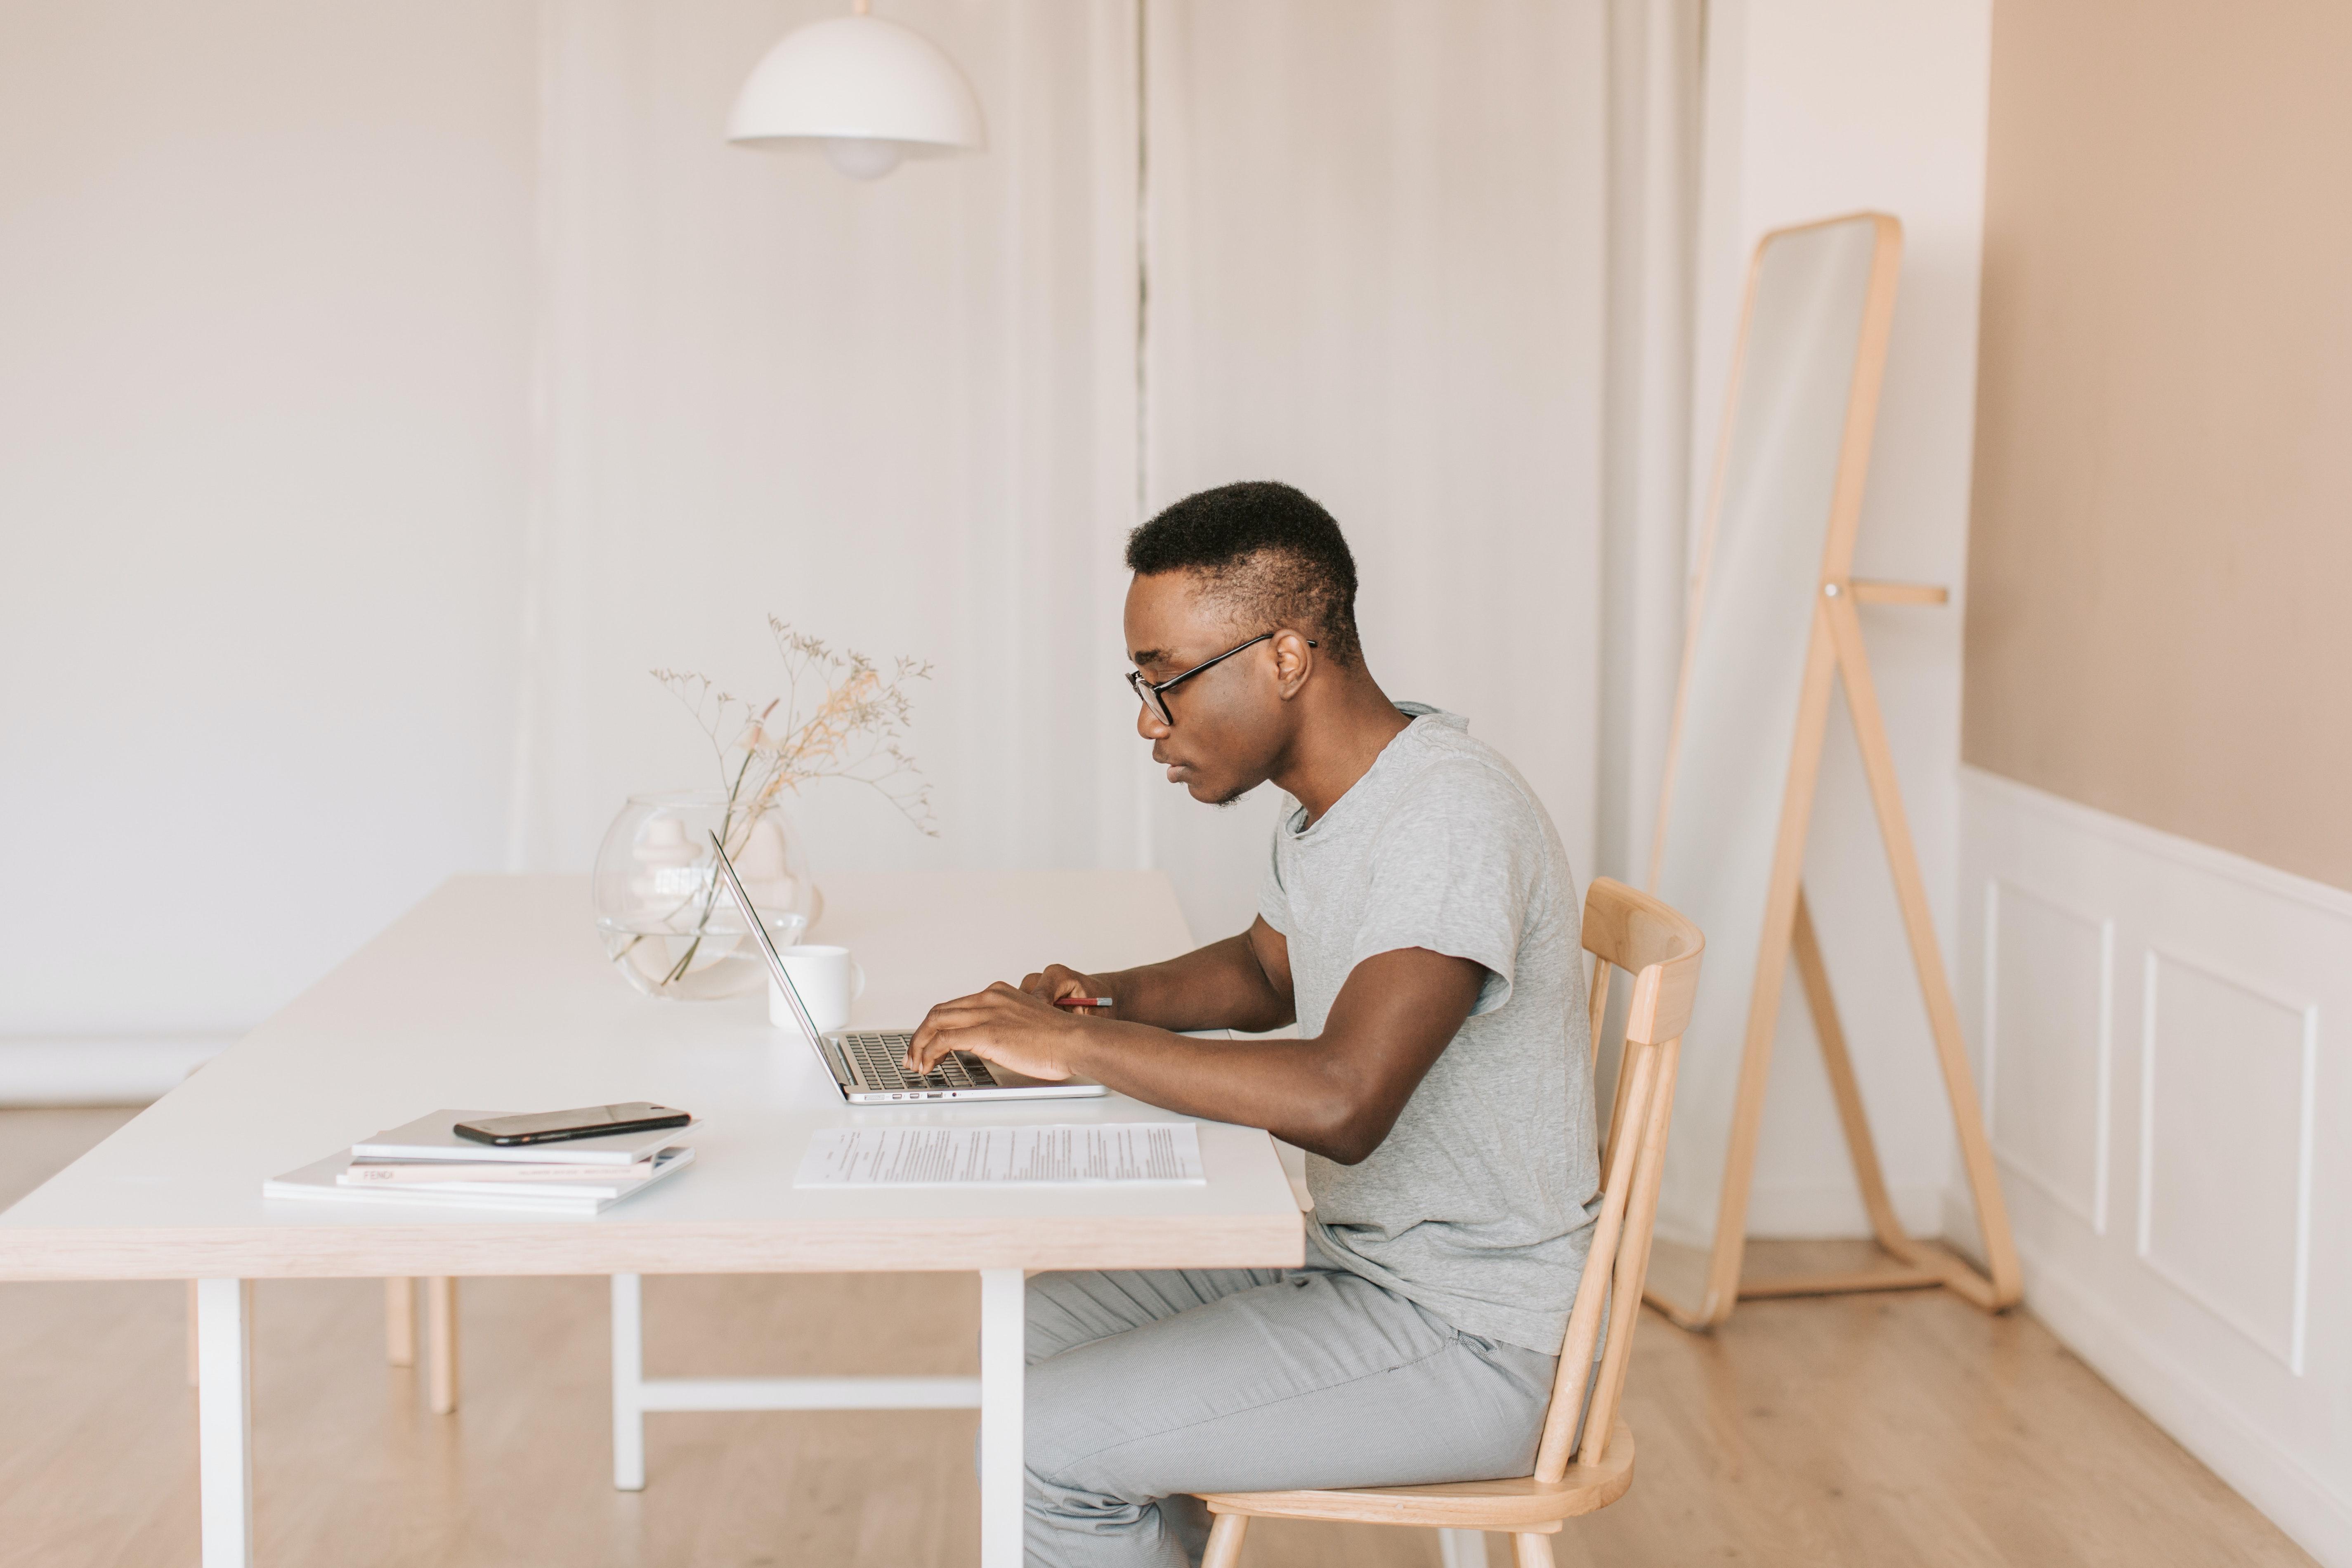 Trabalho remoto, teletrabalho e home office: qual a diferença e o que diz a lei?